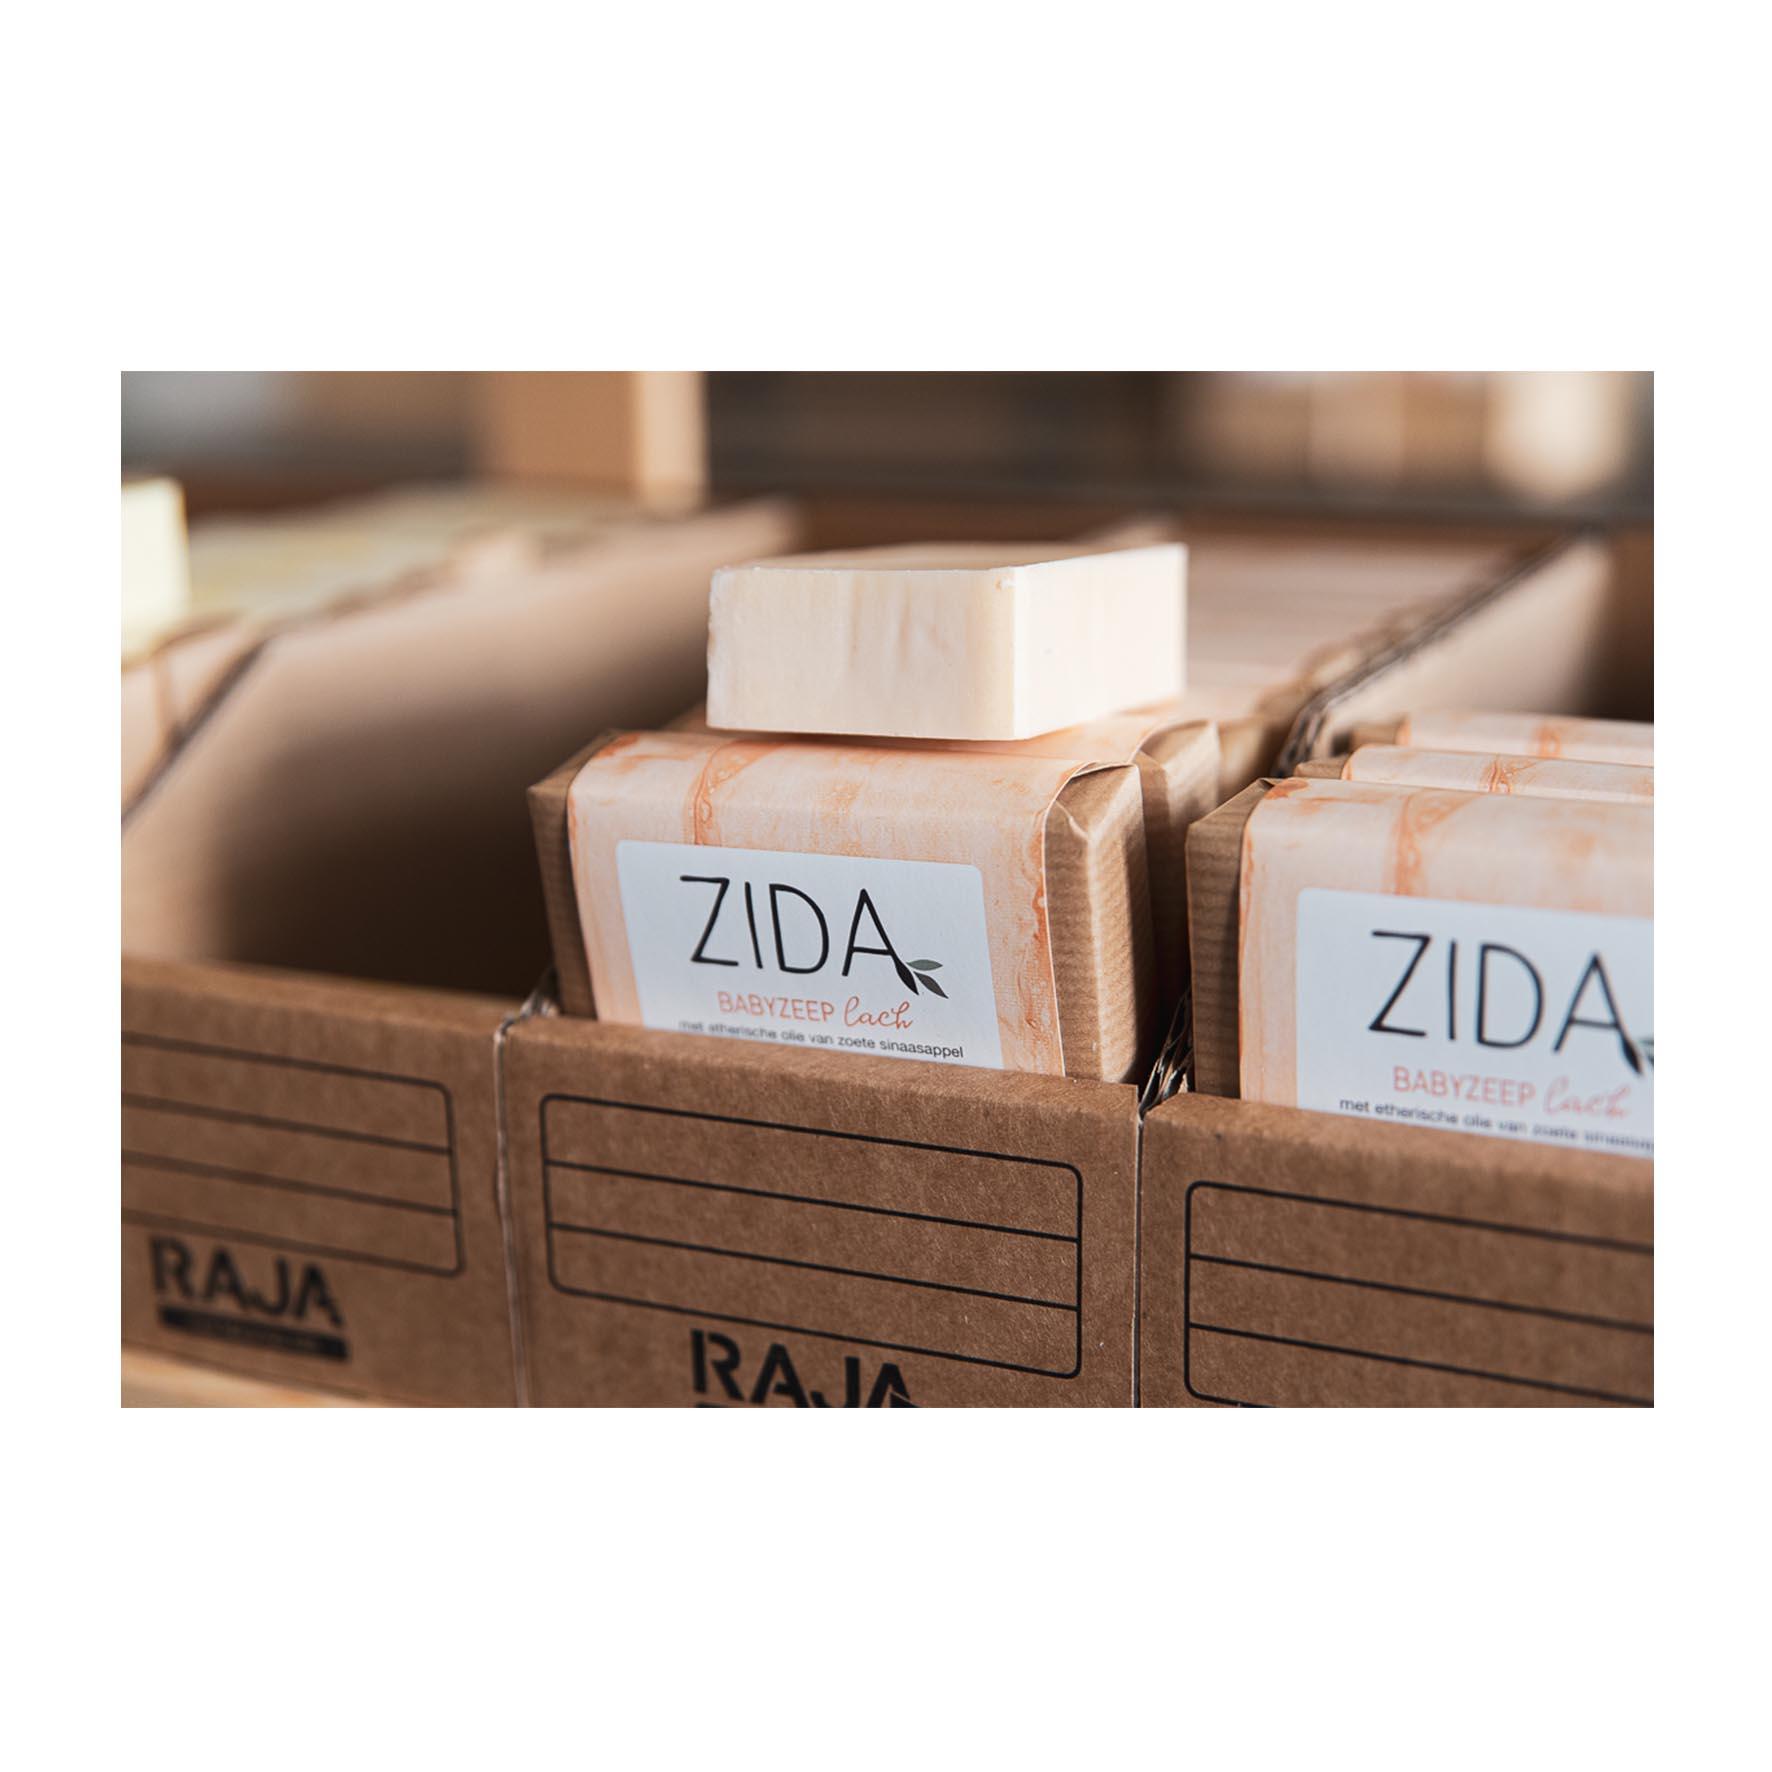 Bedrijfsfotografie - Zida